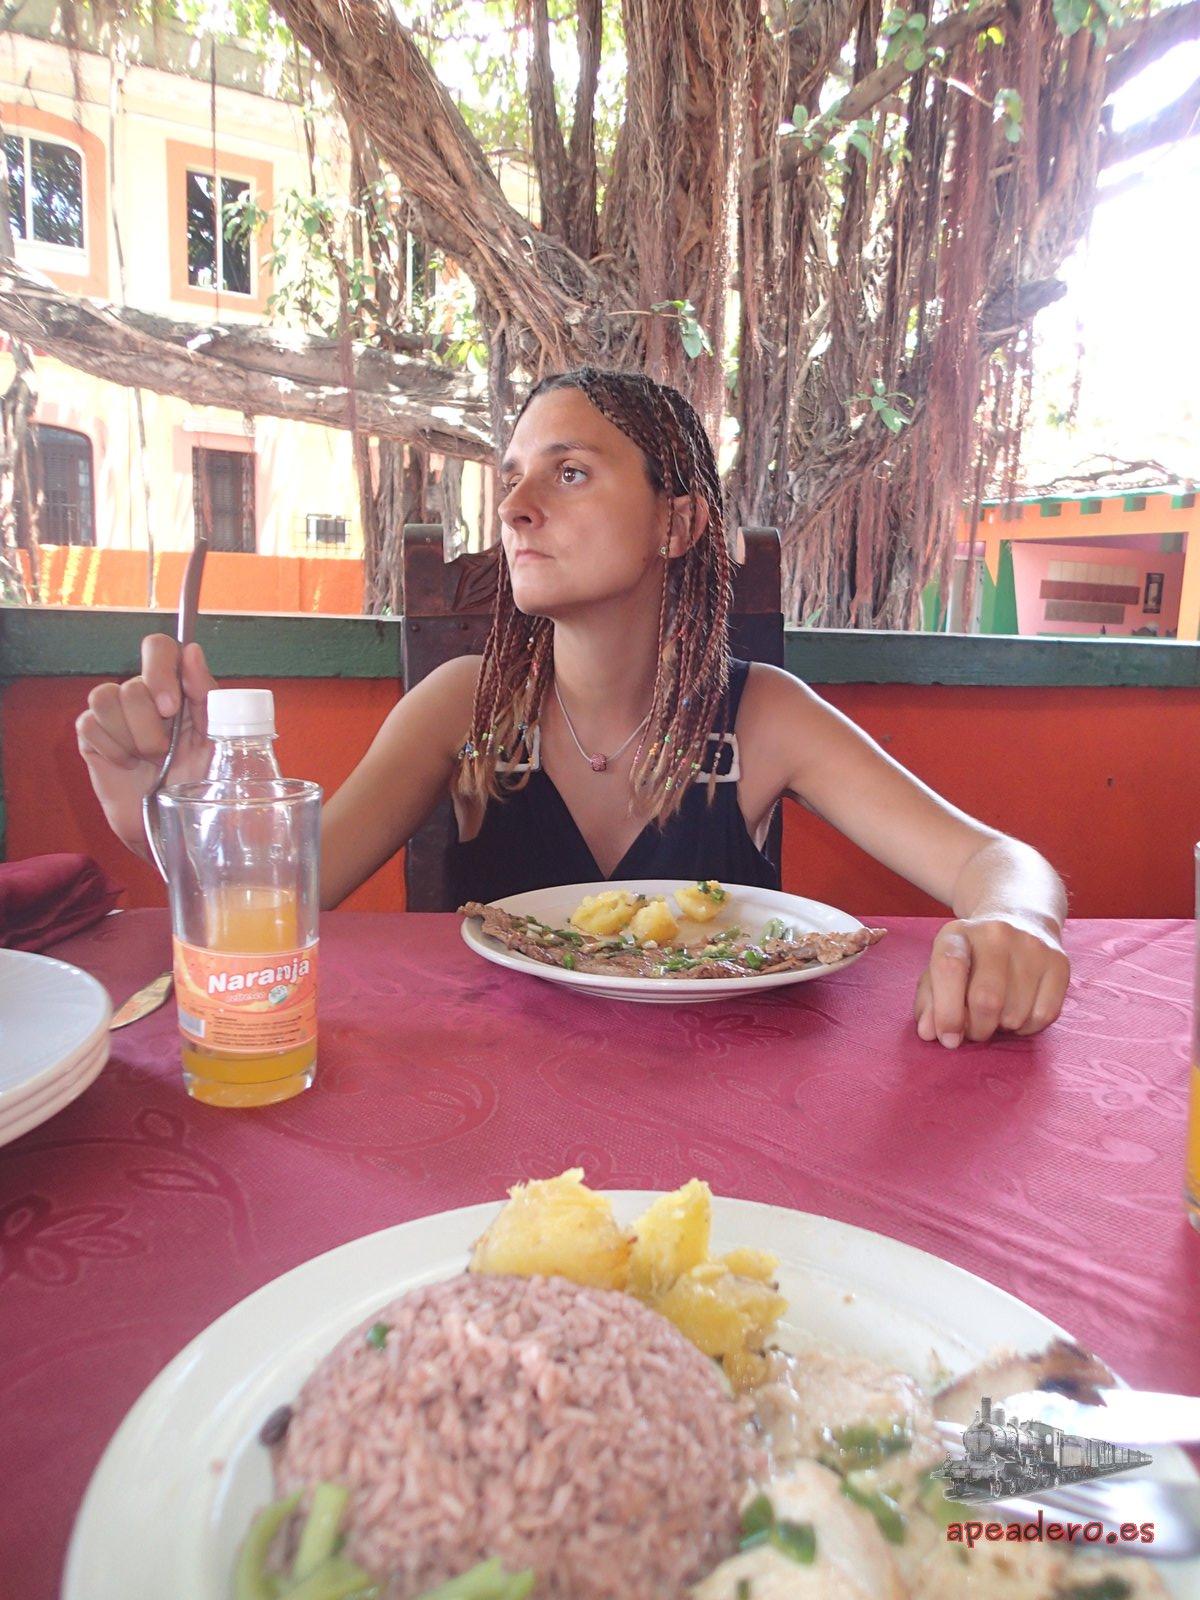 Por la falta de recursos, Cuba no es un paraíso gastronómico, ya que faltan muchas materias primas, pero el ingenio de los cubanos para cocinar, puede llegar a sorprenderte.